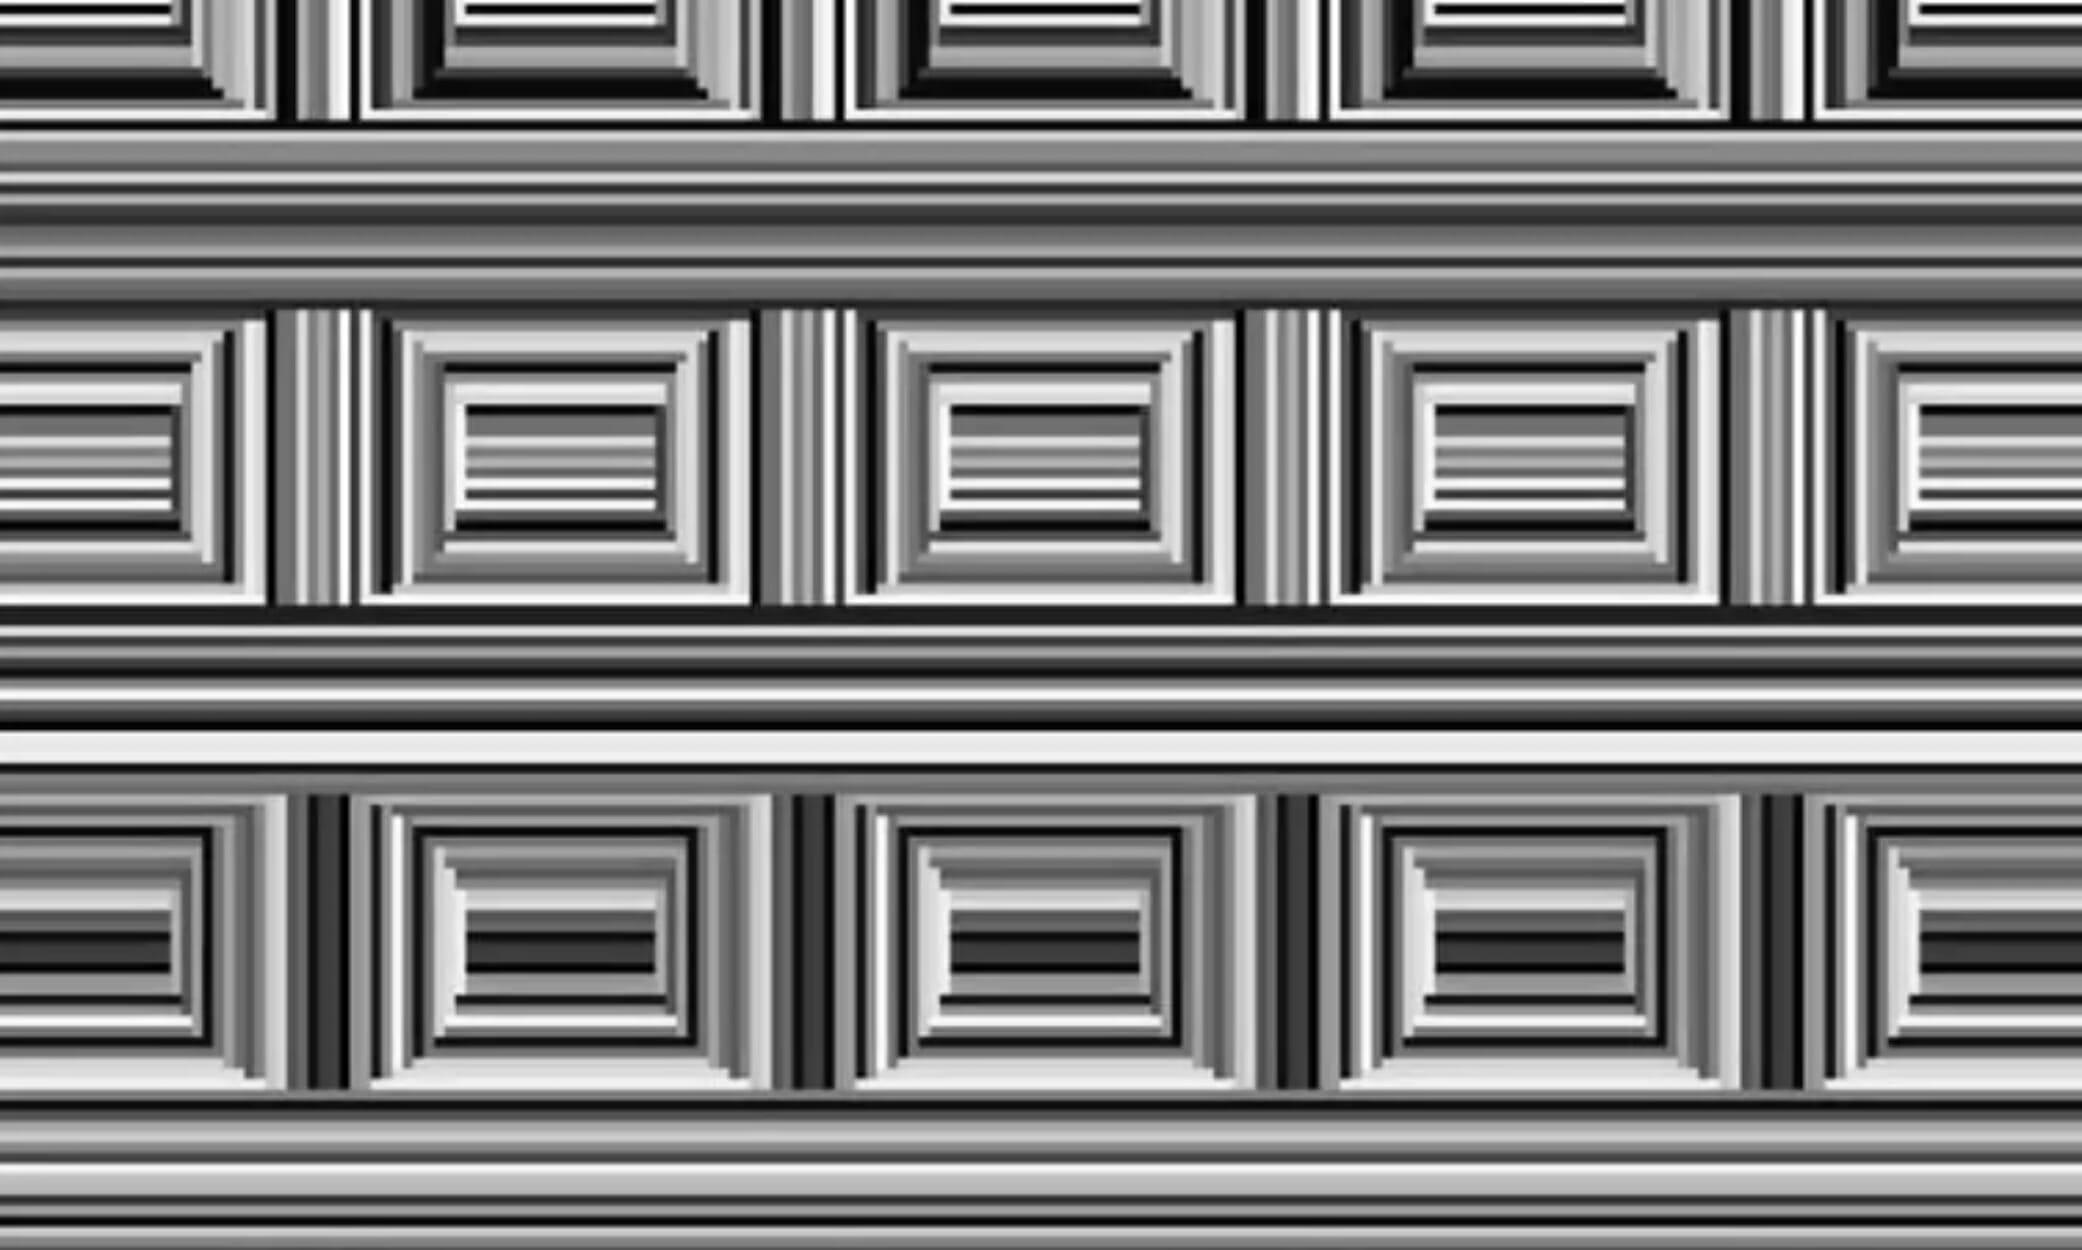 Οφθαλμαπάτη: Εσείς πόσους κύκλους μπορείτε να δείτε σε αυτή την εικόνα;